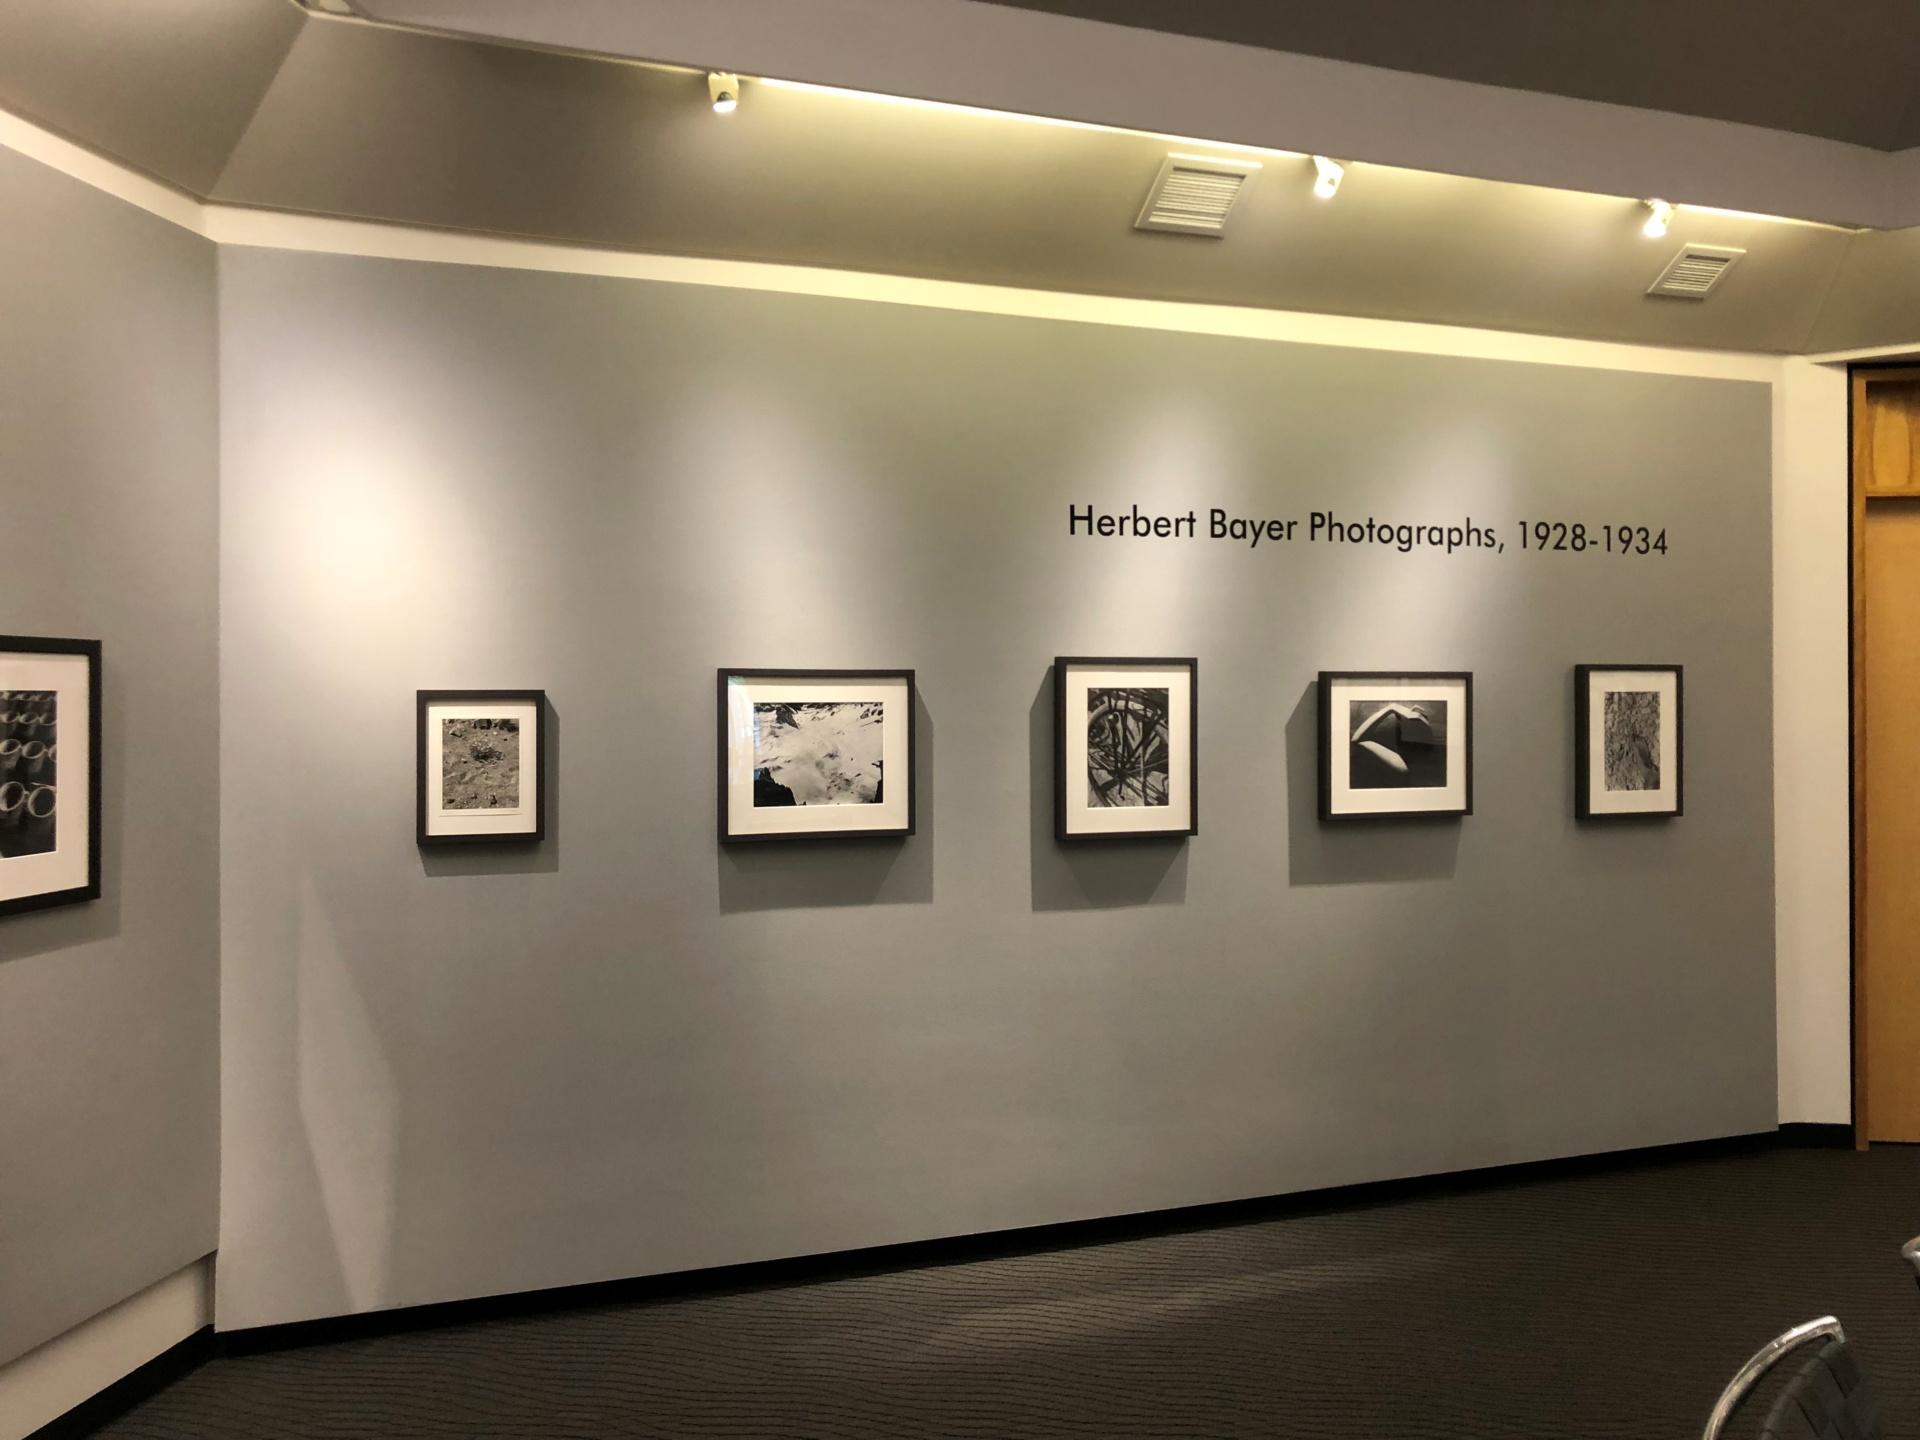 Herbert Bayer Photographs, 1928-1934